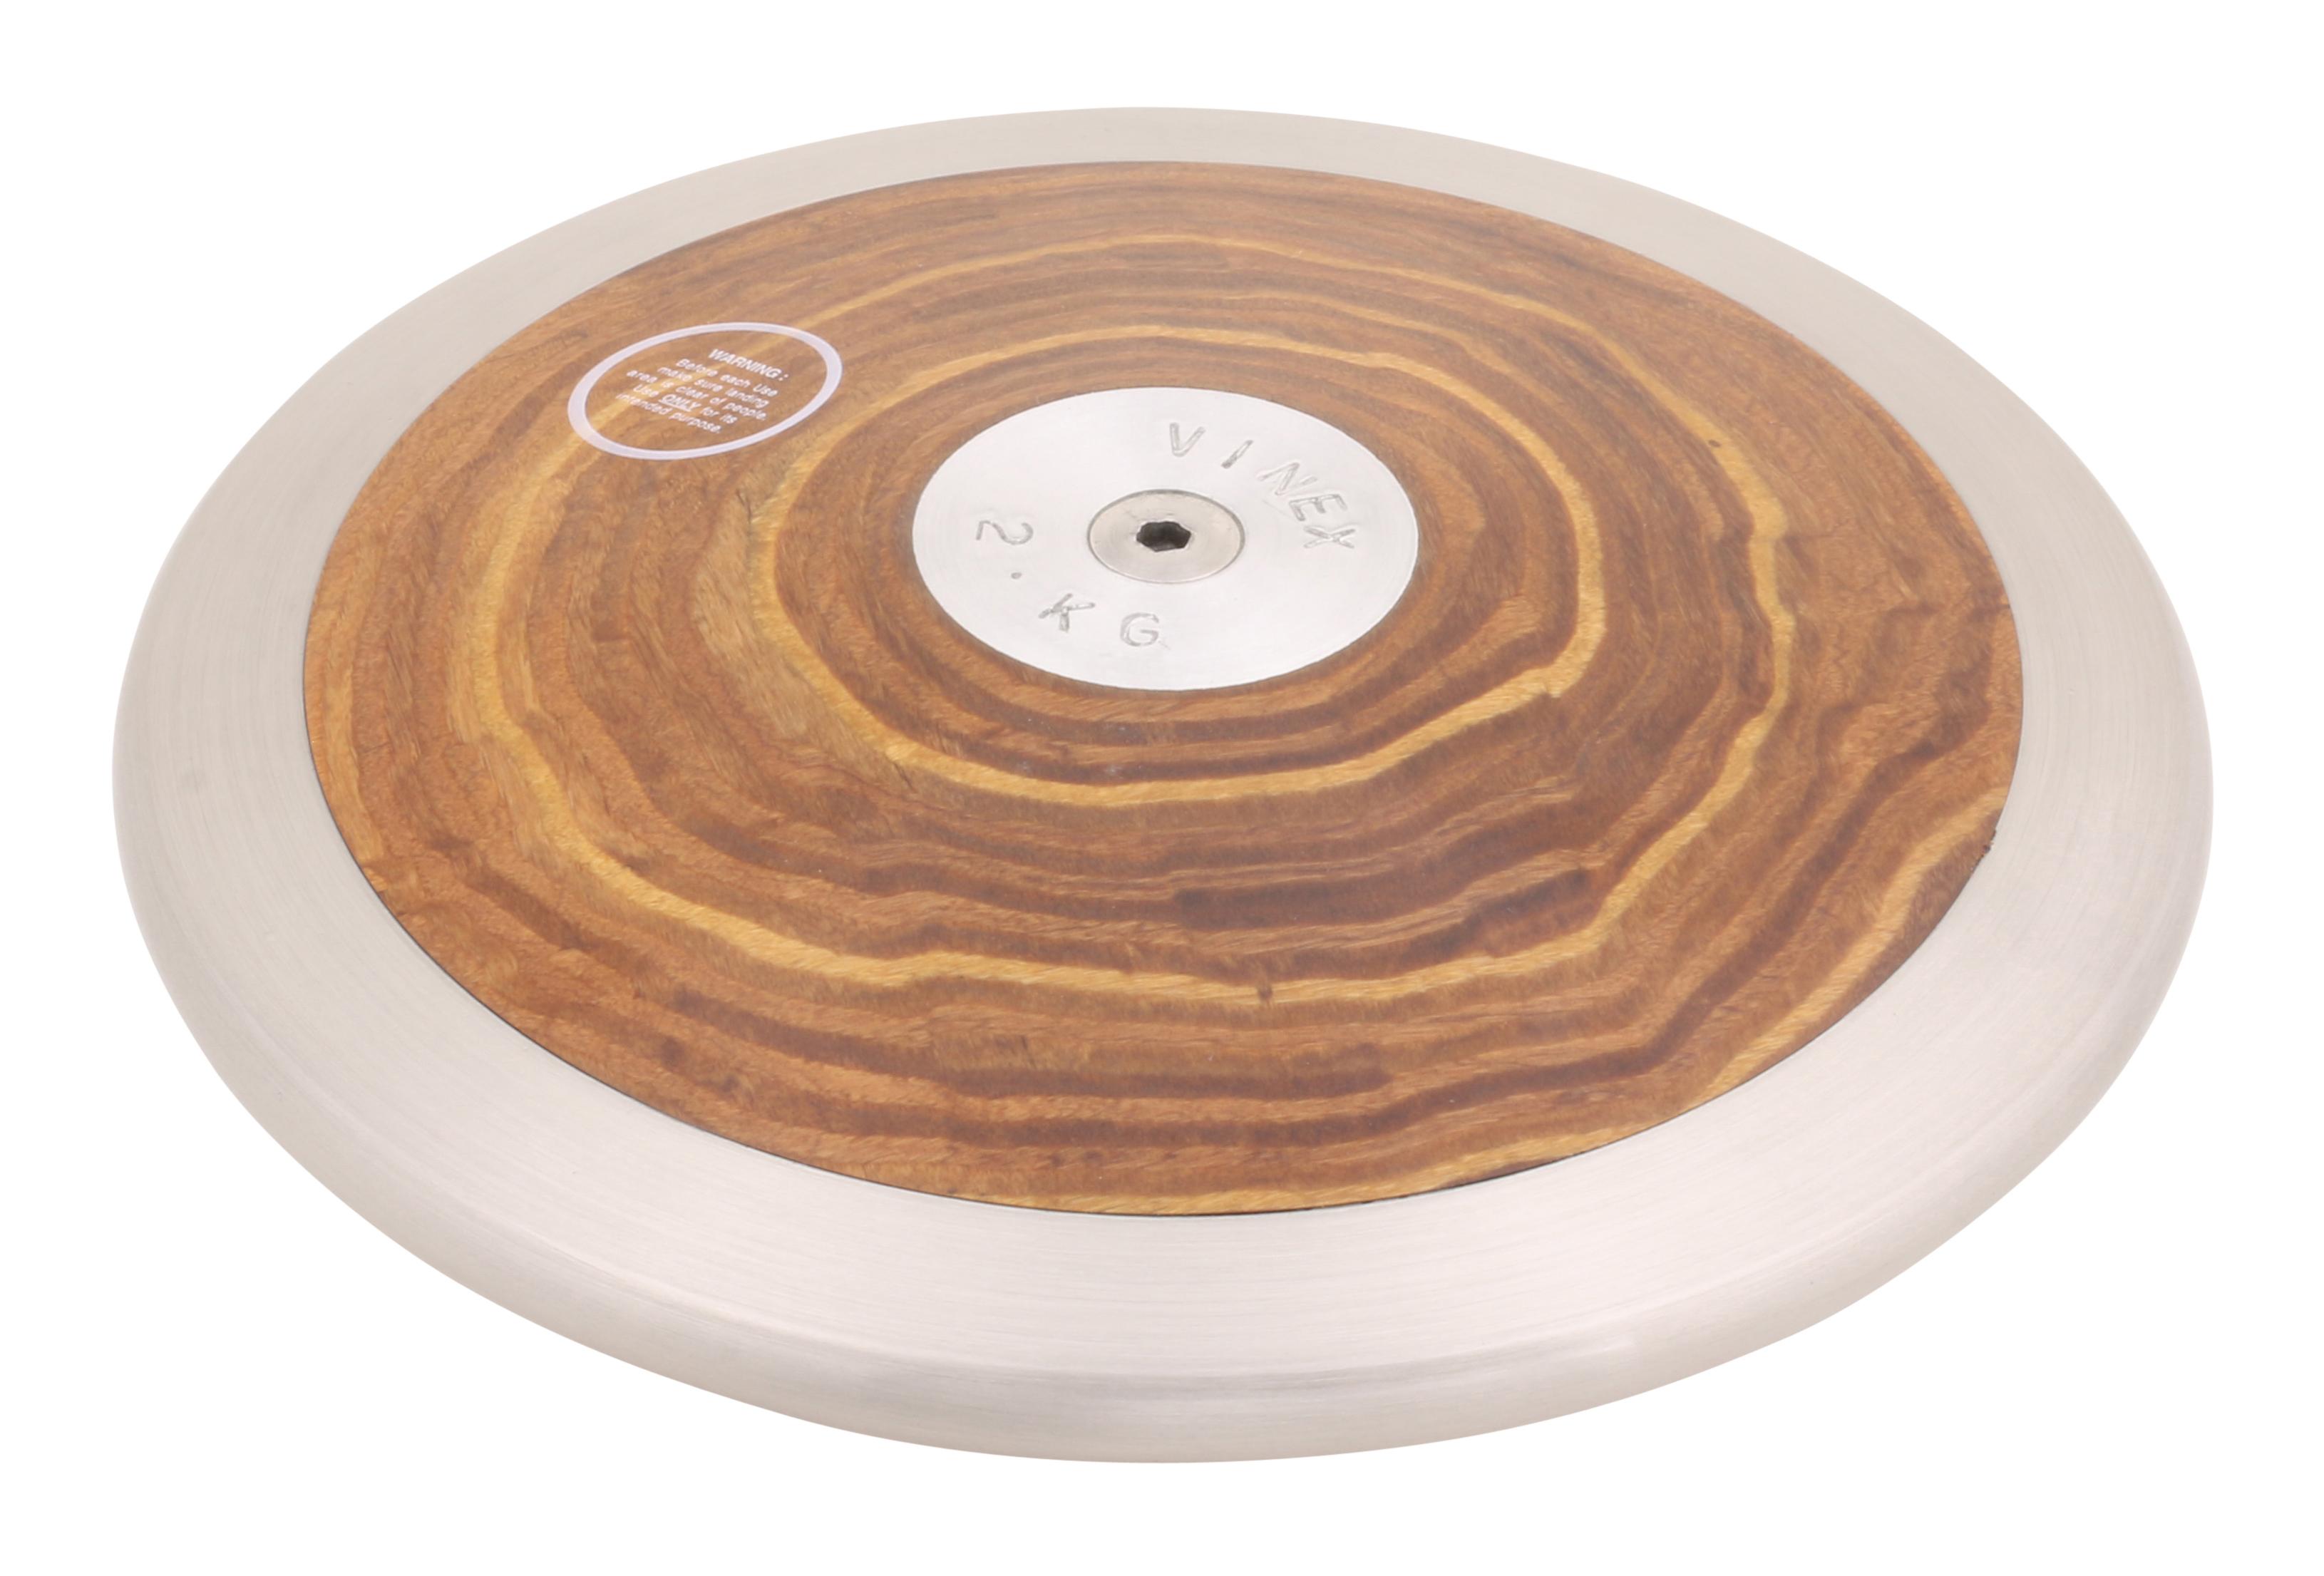 1,00 kg 2,00 kg bois HAEST Disque /à lancer de comp/étition VINEX ROCK